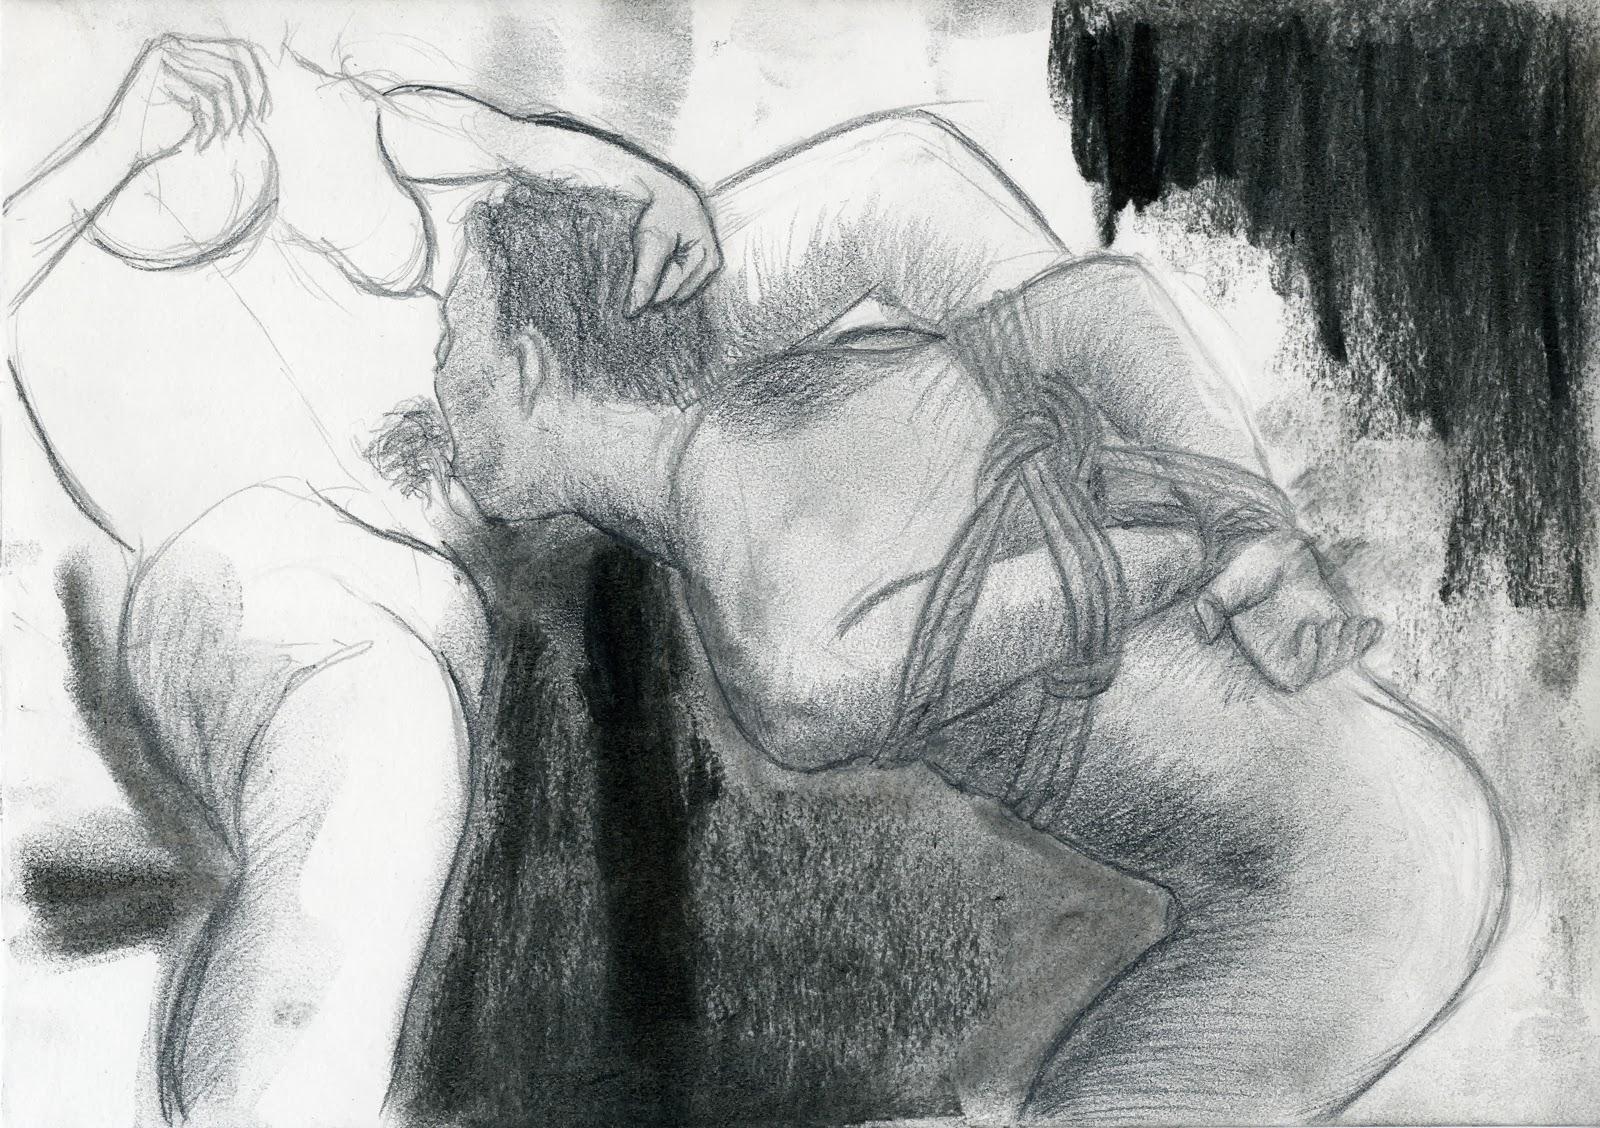 dessin pornographique, femdom, bondage, submission